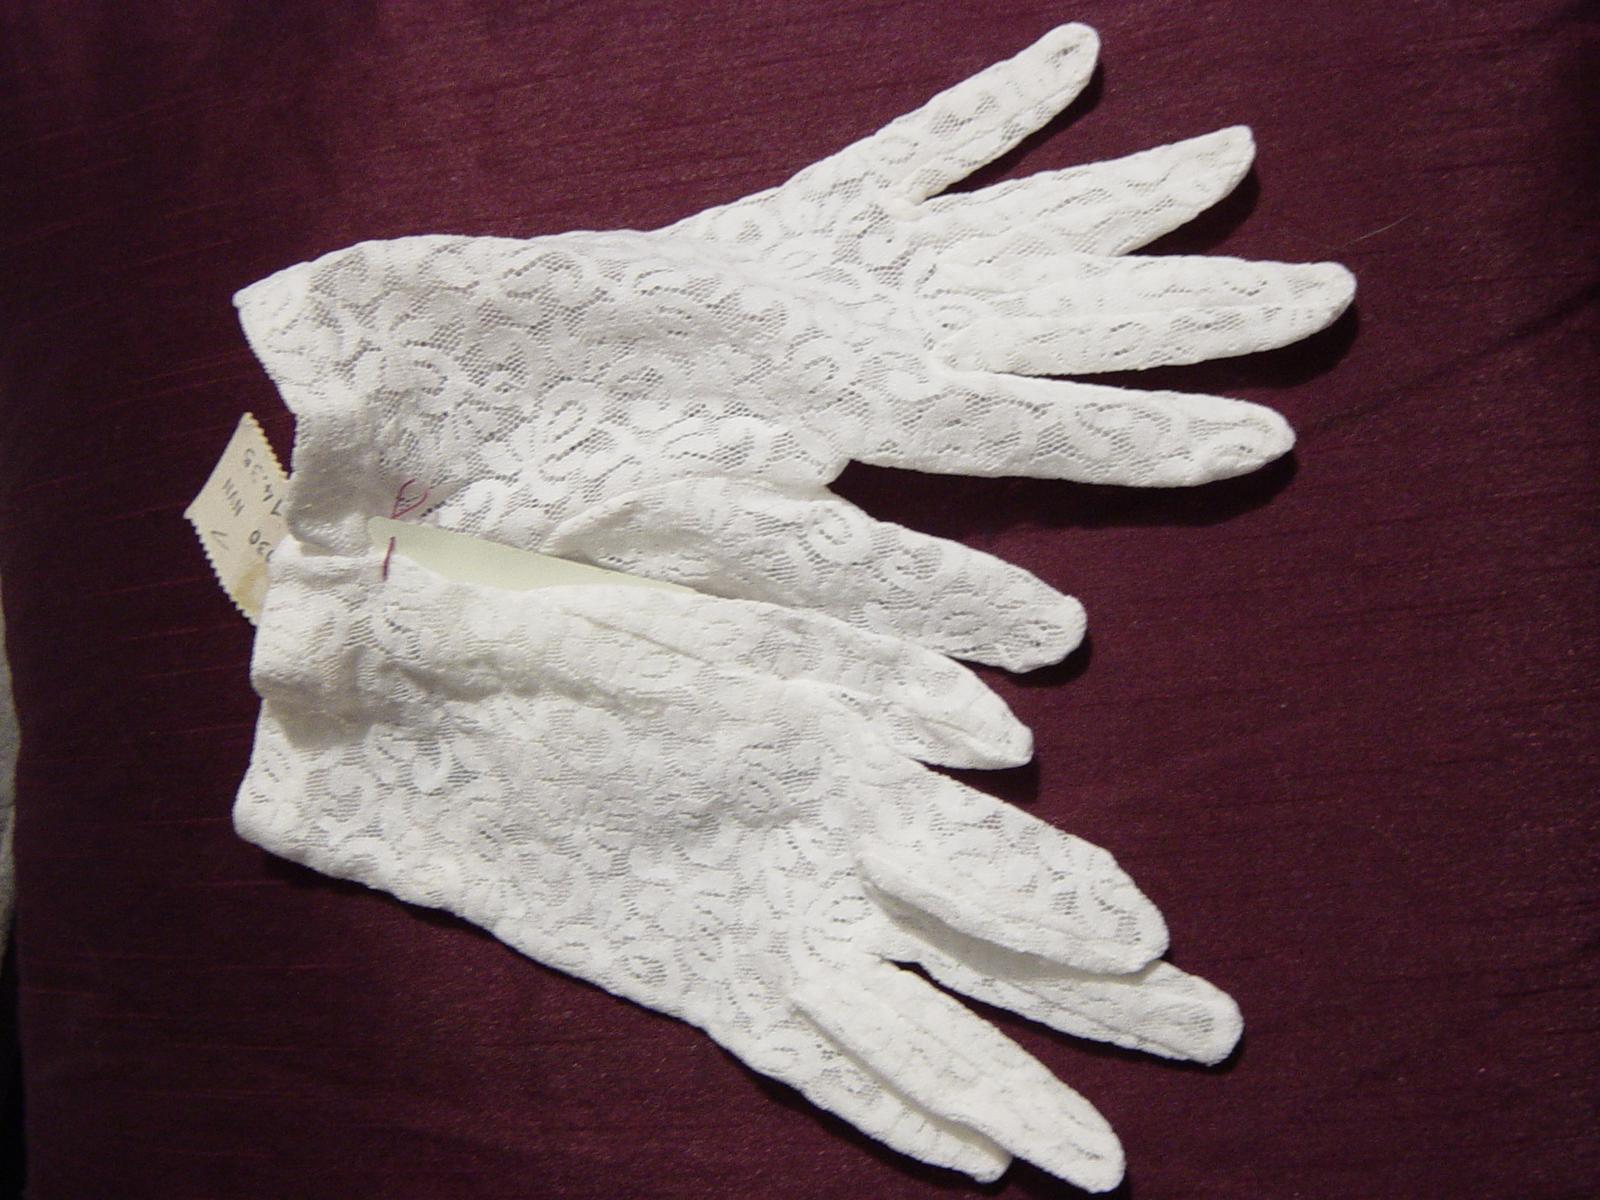 2 rukavičky - družička/1.sv. pr. - Obrázok č. 2